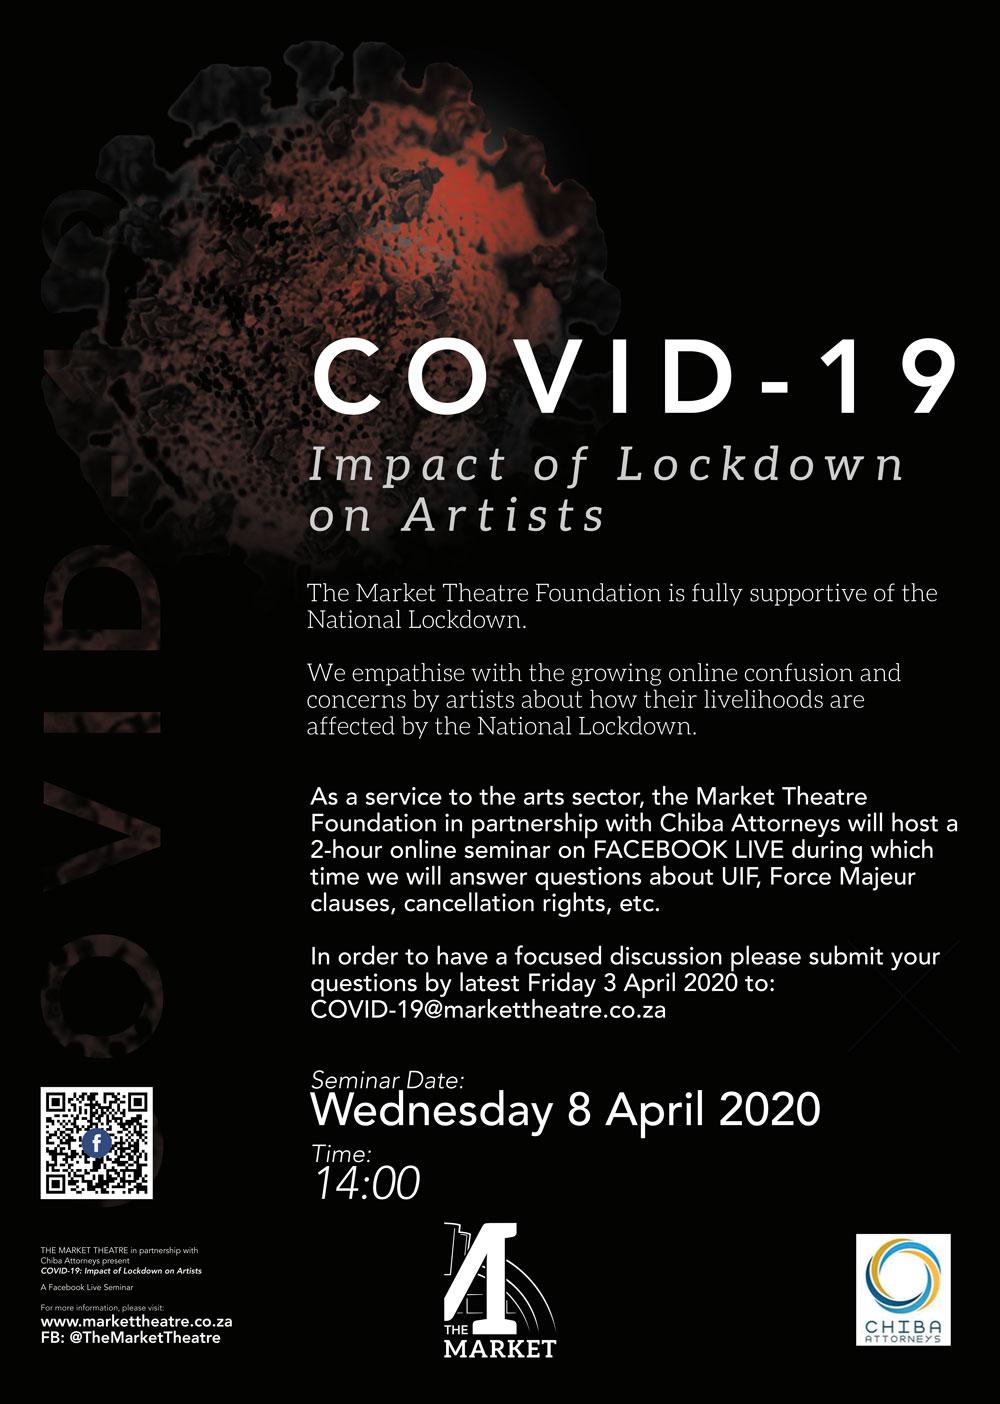 mtf-c-19-fb-live-seminar-poster